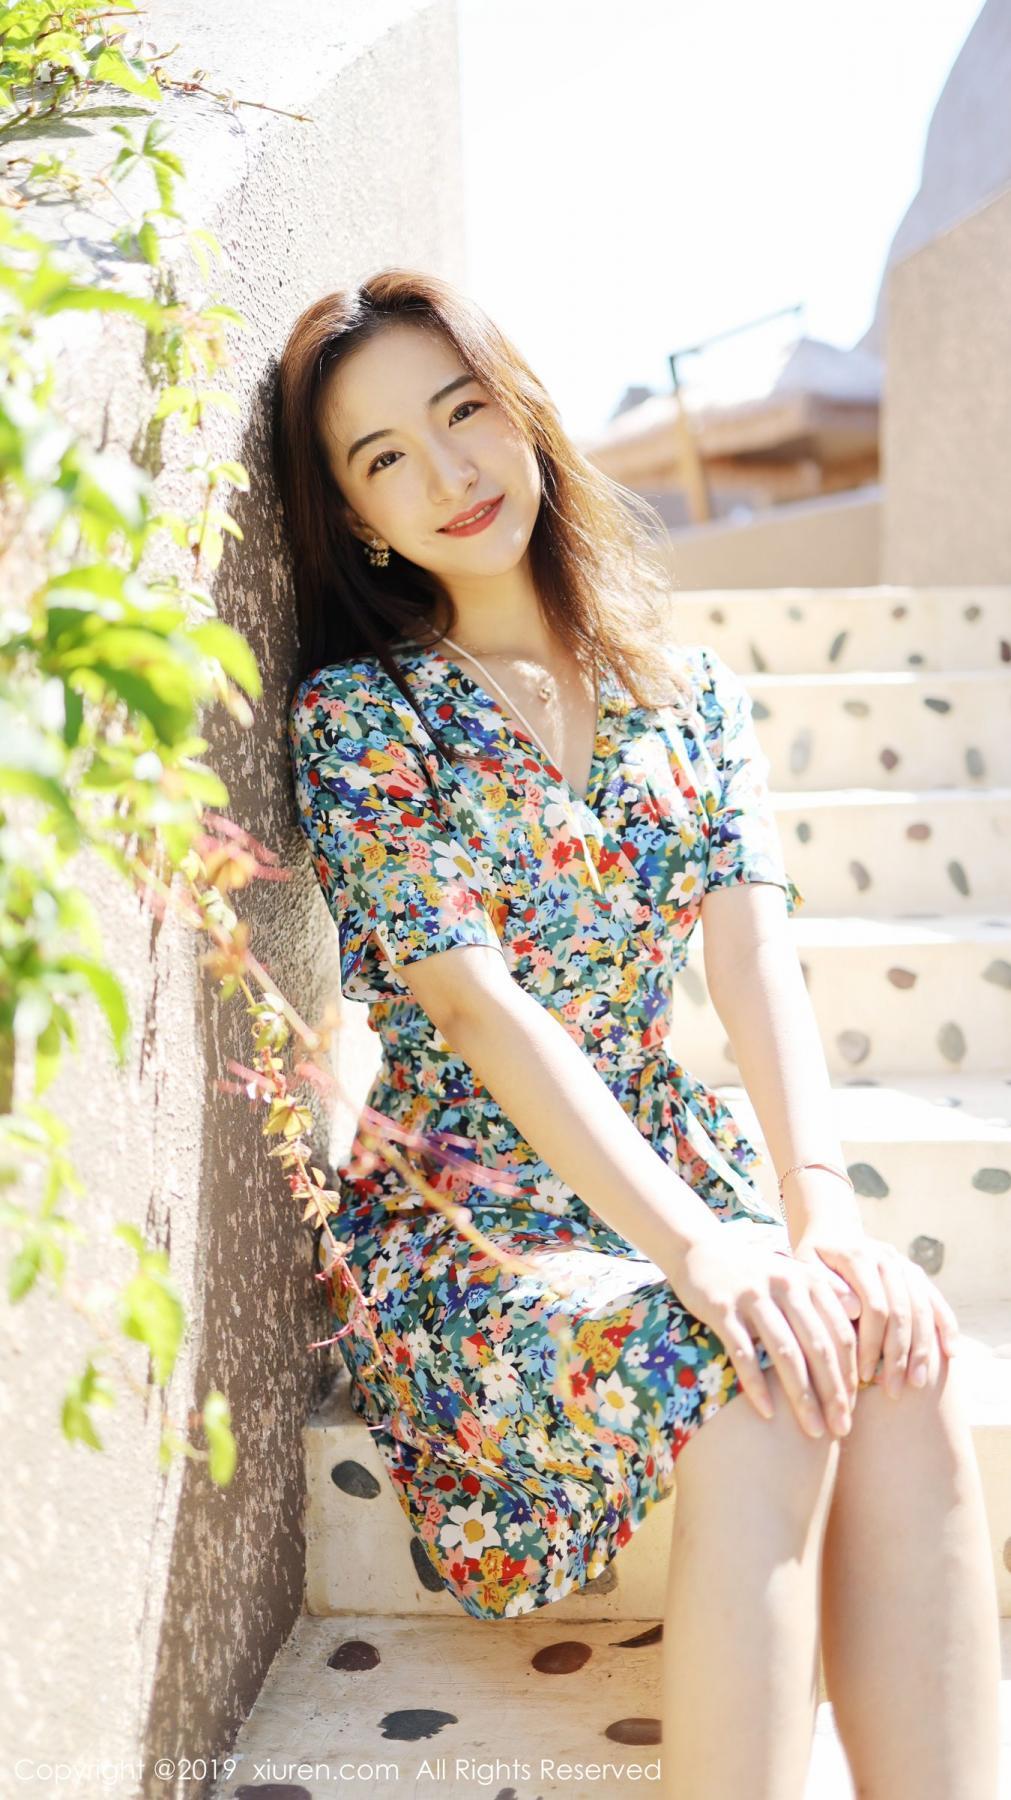 [XiuRen] Vol.1641 Gong Tian Yi 12P, Gong Tian Yi, Pretty, Temperament, Xiuren